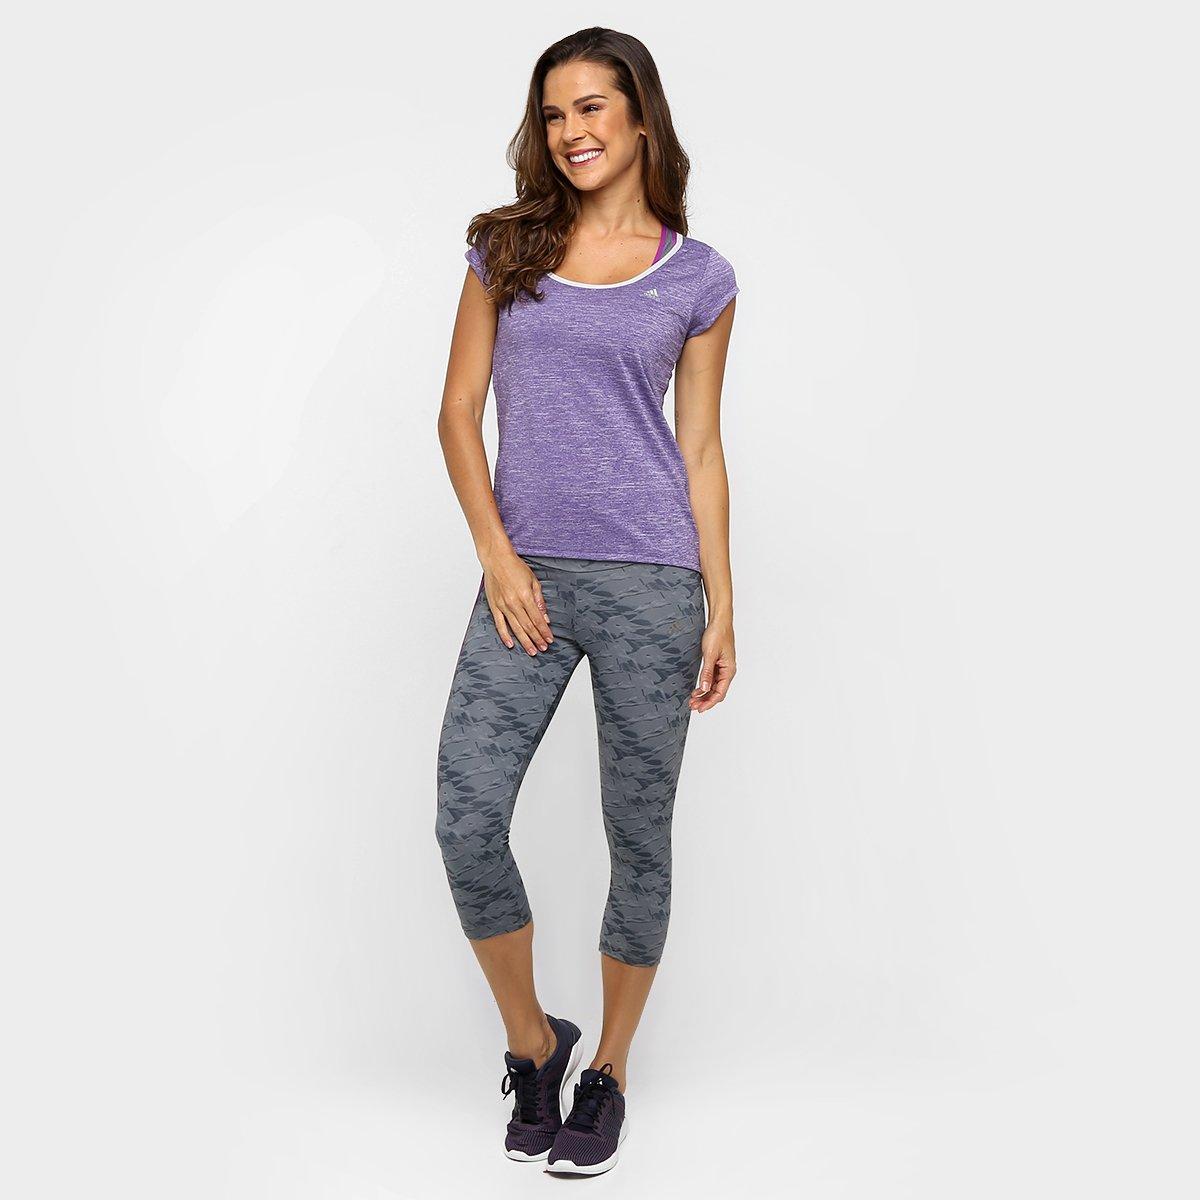 Camiseta Adidas Ess Clima Clima Adidas Feminina Roxo Roxo Camiseta Mescla Ess Feminina Mescla HAqTdR